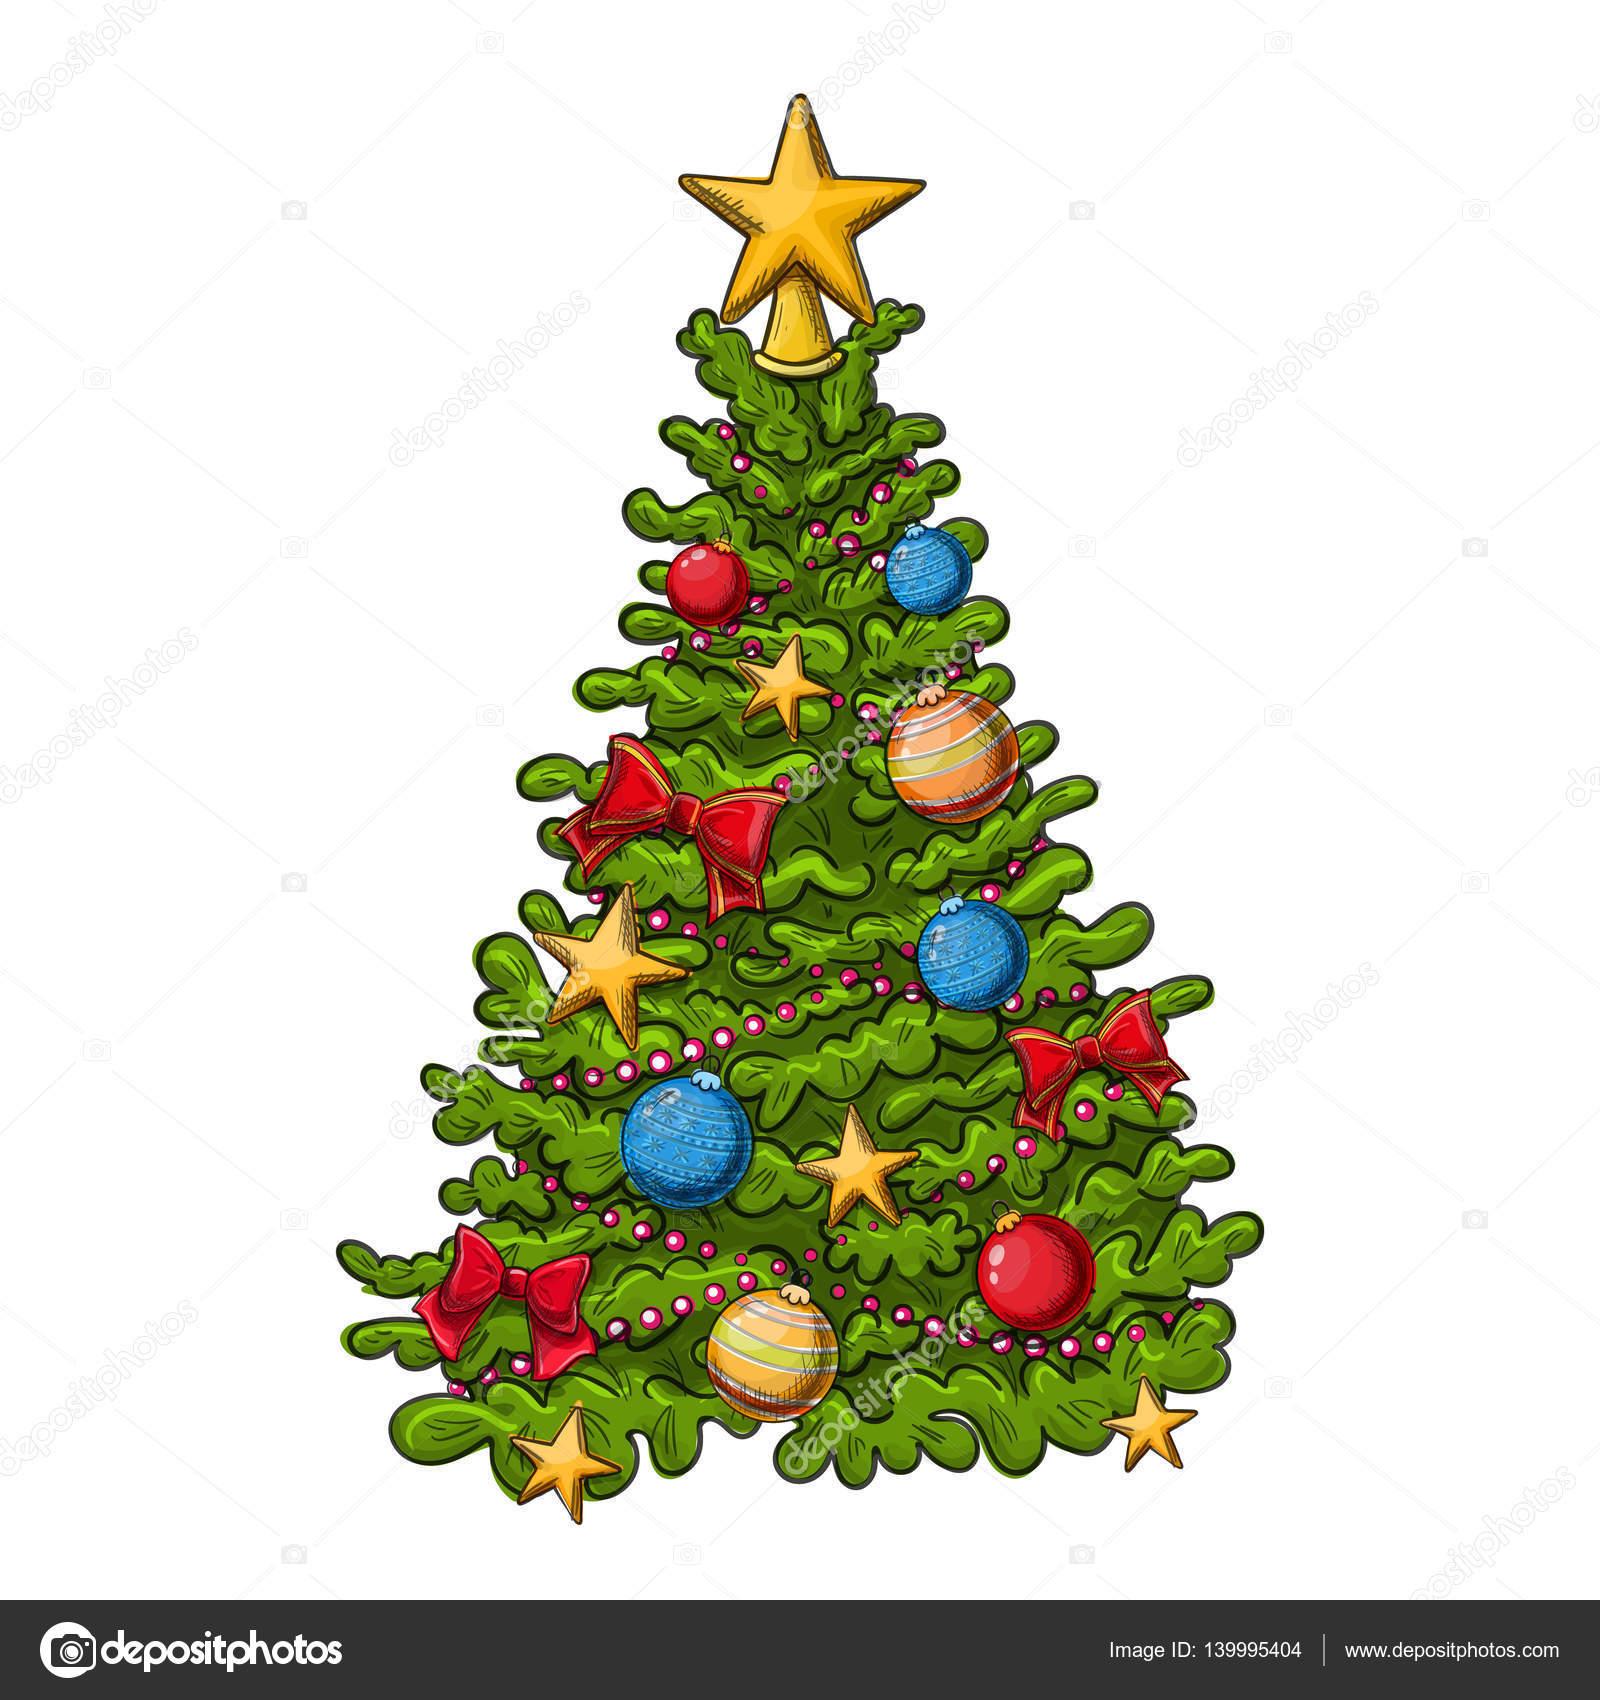 Albero Di Natale Disegno.Albero Di Natale Disegno Vettoriali Stock C Alffisky Gmail